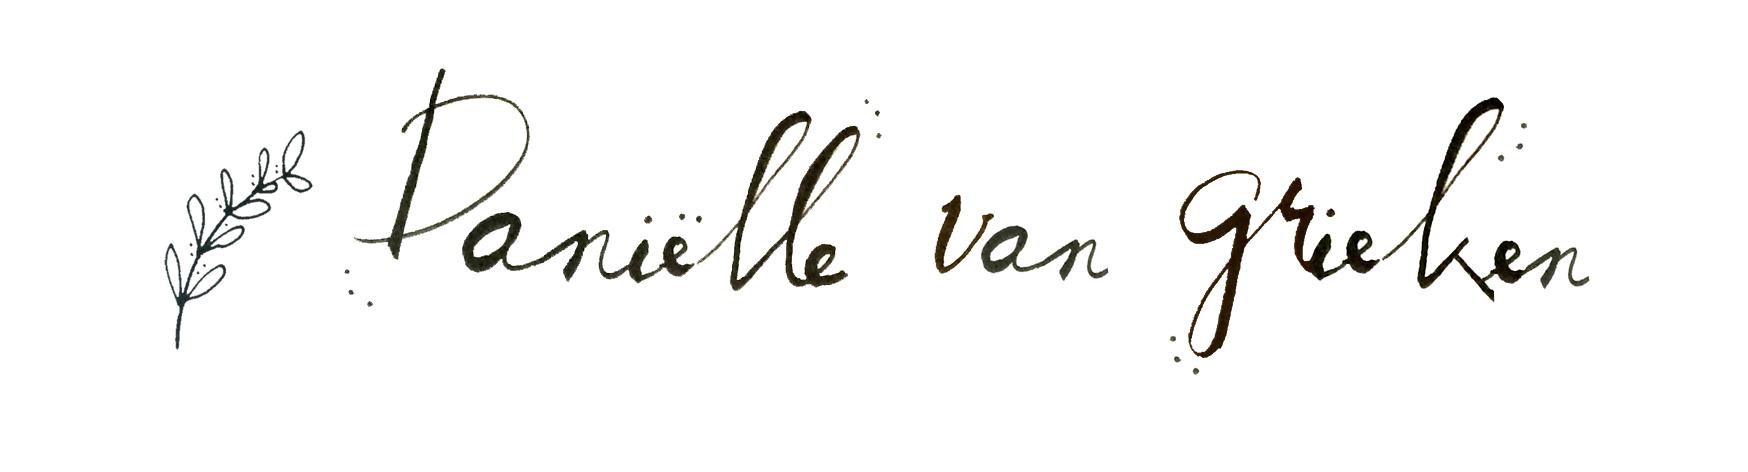 Danielle van Grieken - Tekst & Illustratie